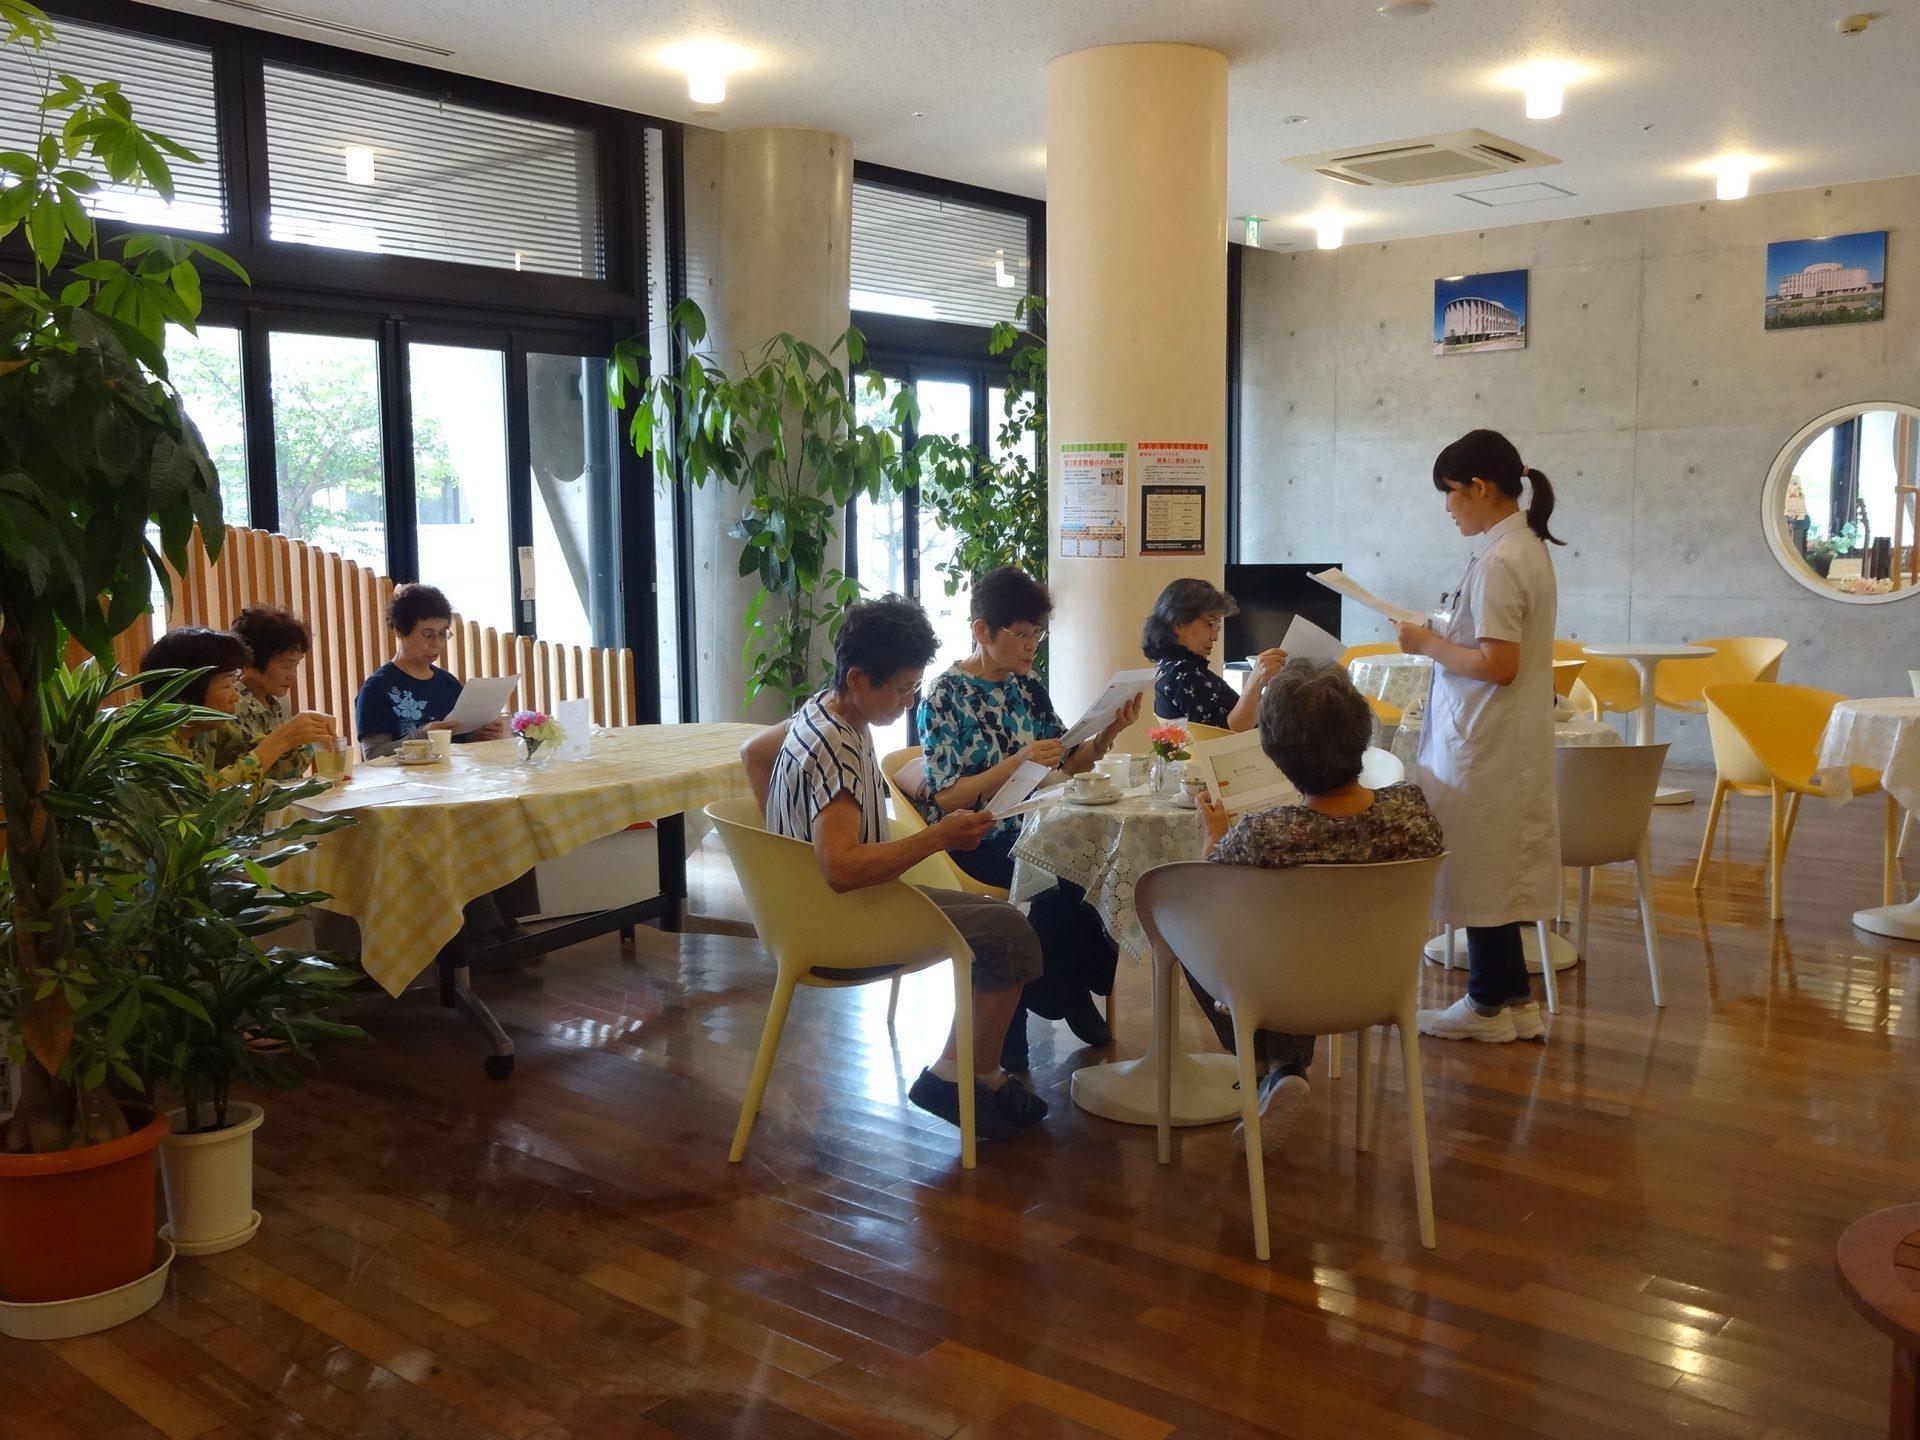 認知症カフェ「ひととき」 『健康ミニ講座』開催